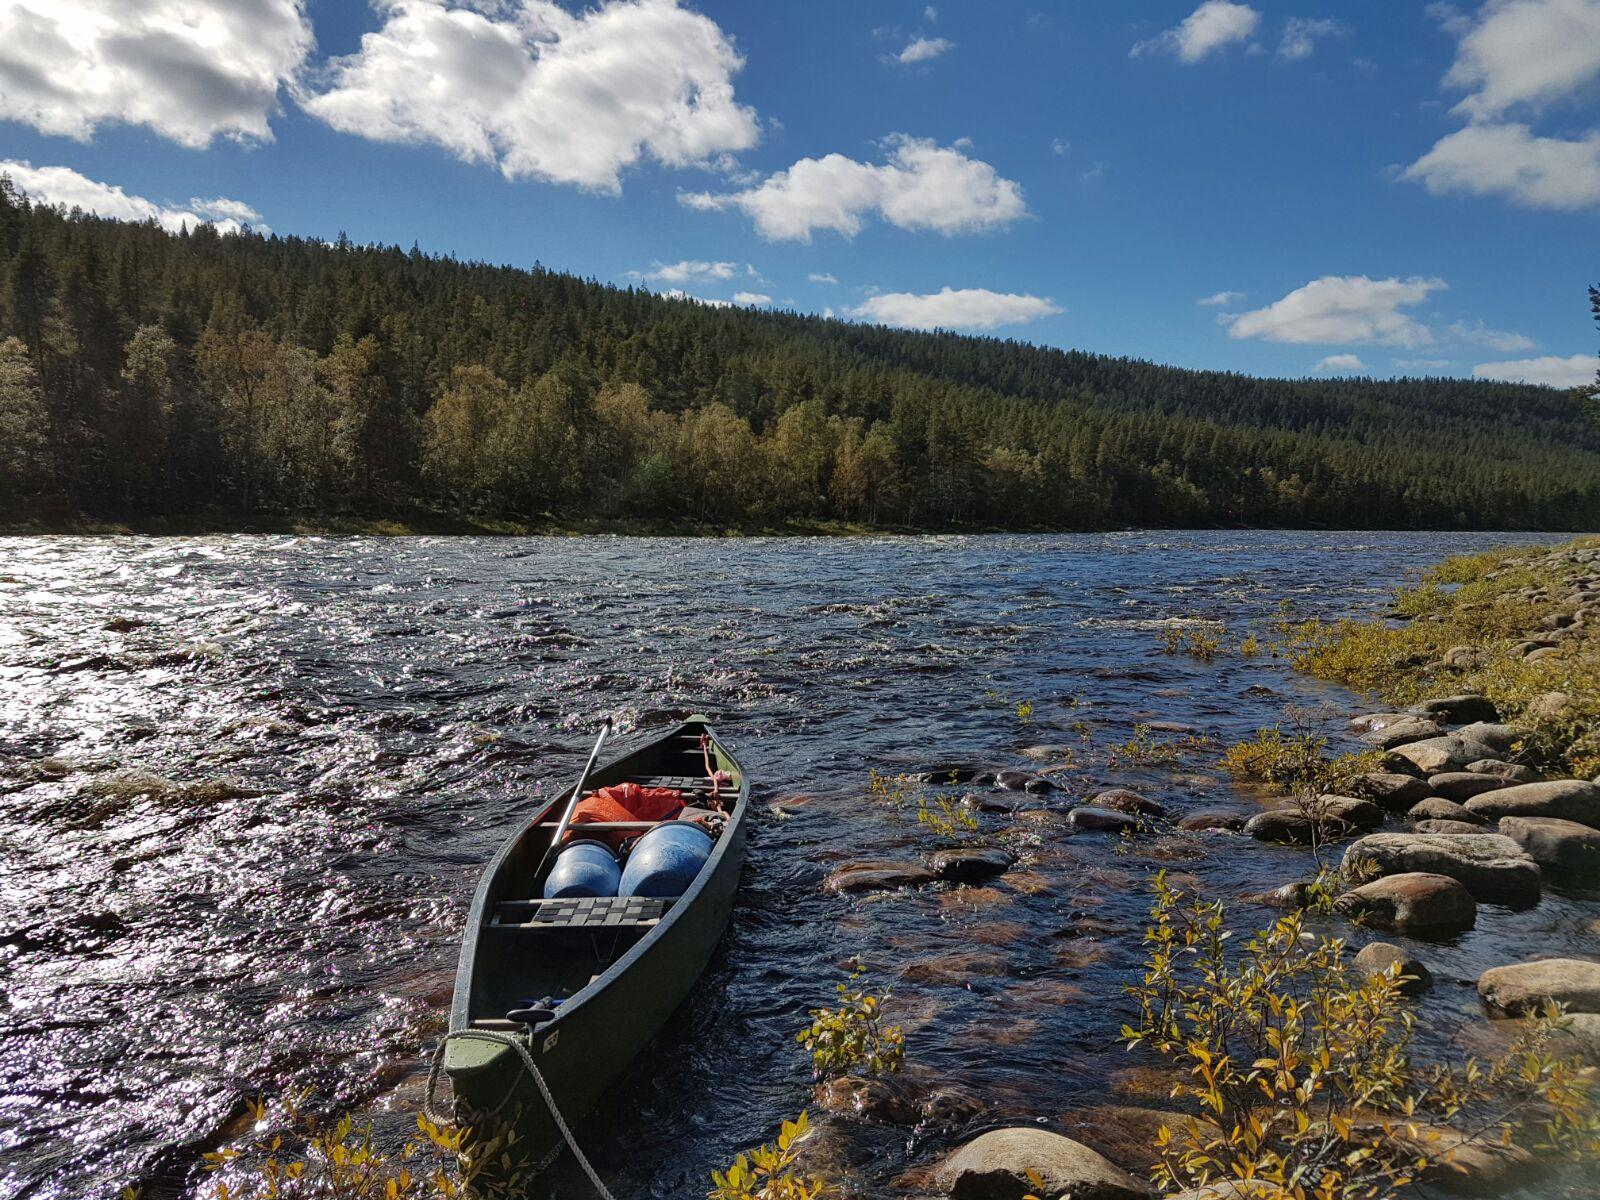 Récit : Canoé et pêche en Laponie Finlandande sur la rivière Ivalojoki IMG-20160827-WA0000